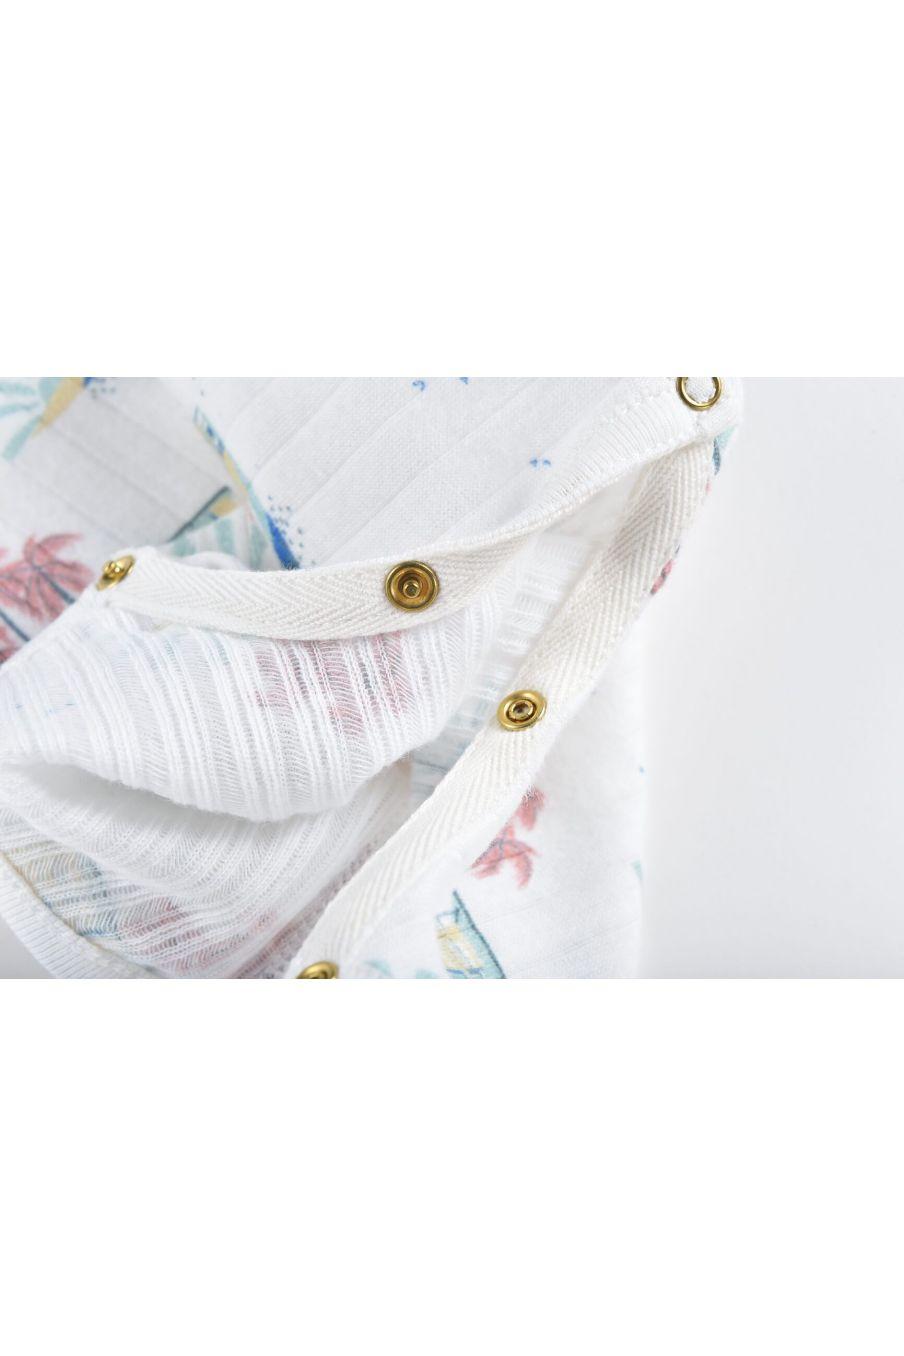 Yesiidor Bo/îte /à mouchoirs en Bois Vintage Bleu Style m/éditerran/éen Th/ème de loc/éan Coquillage Starfish Boat Seagull